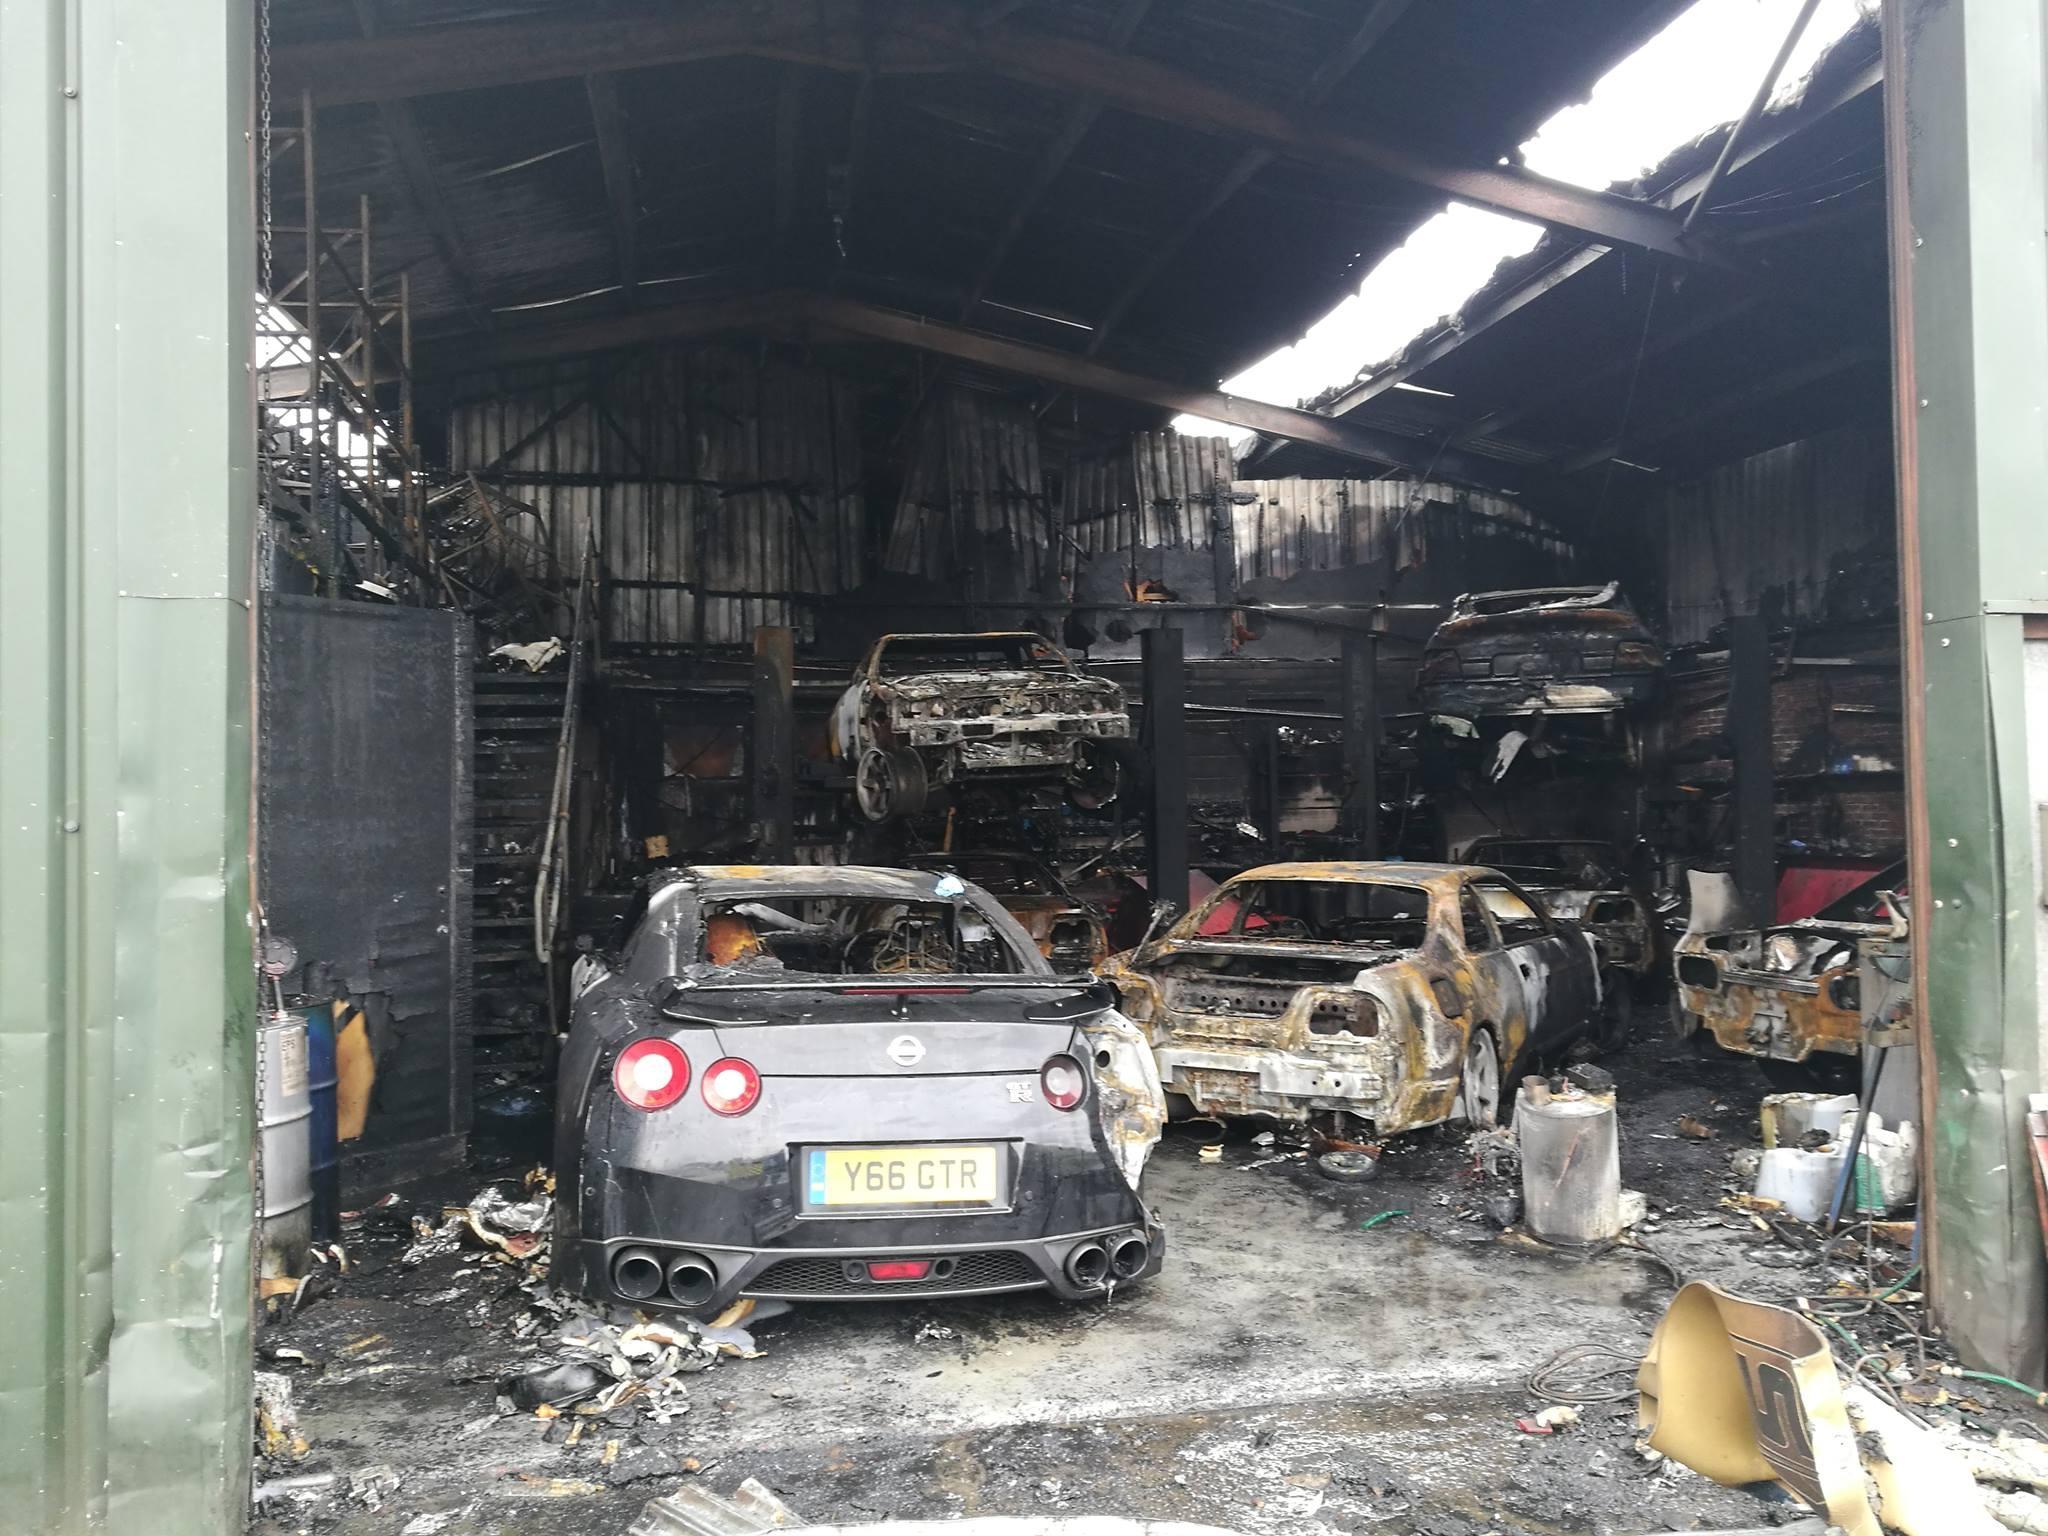 Un garage sp cialiste de la nissan gt r prend feu avec for Garage de la diligence taverny